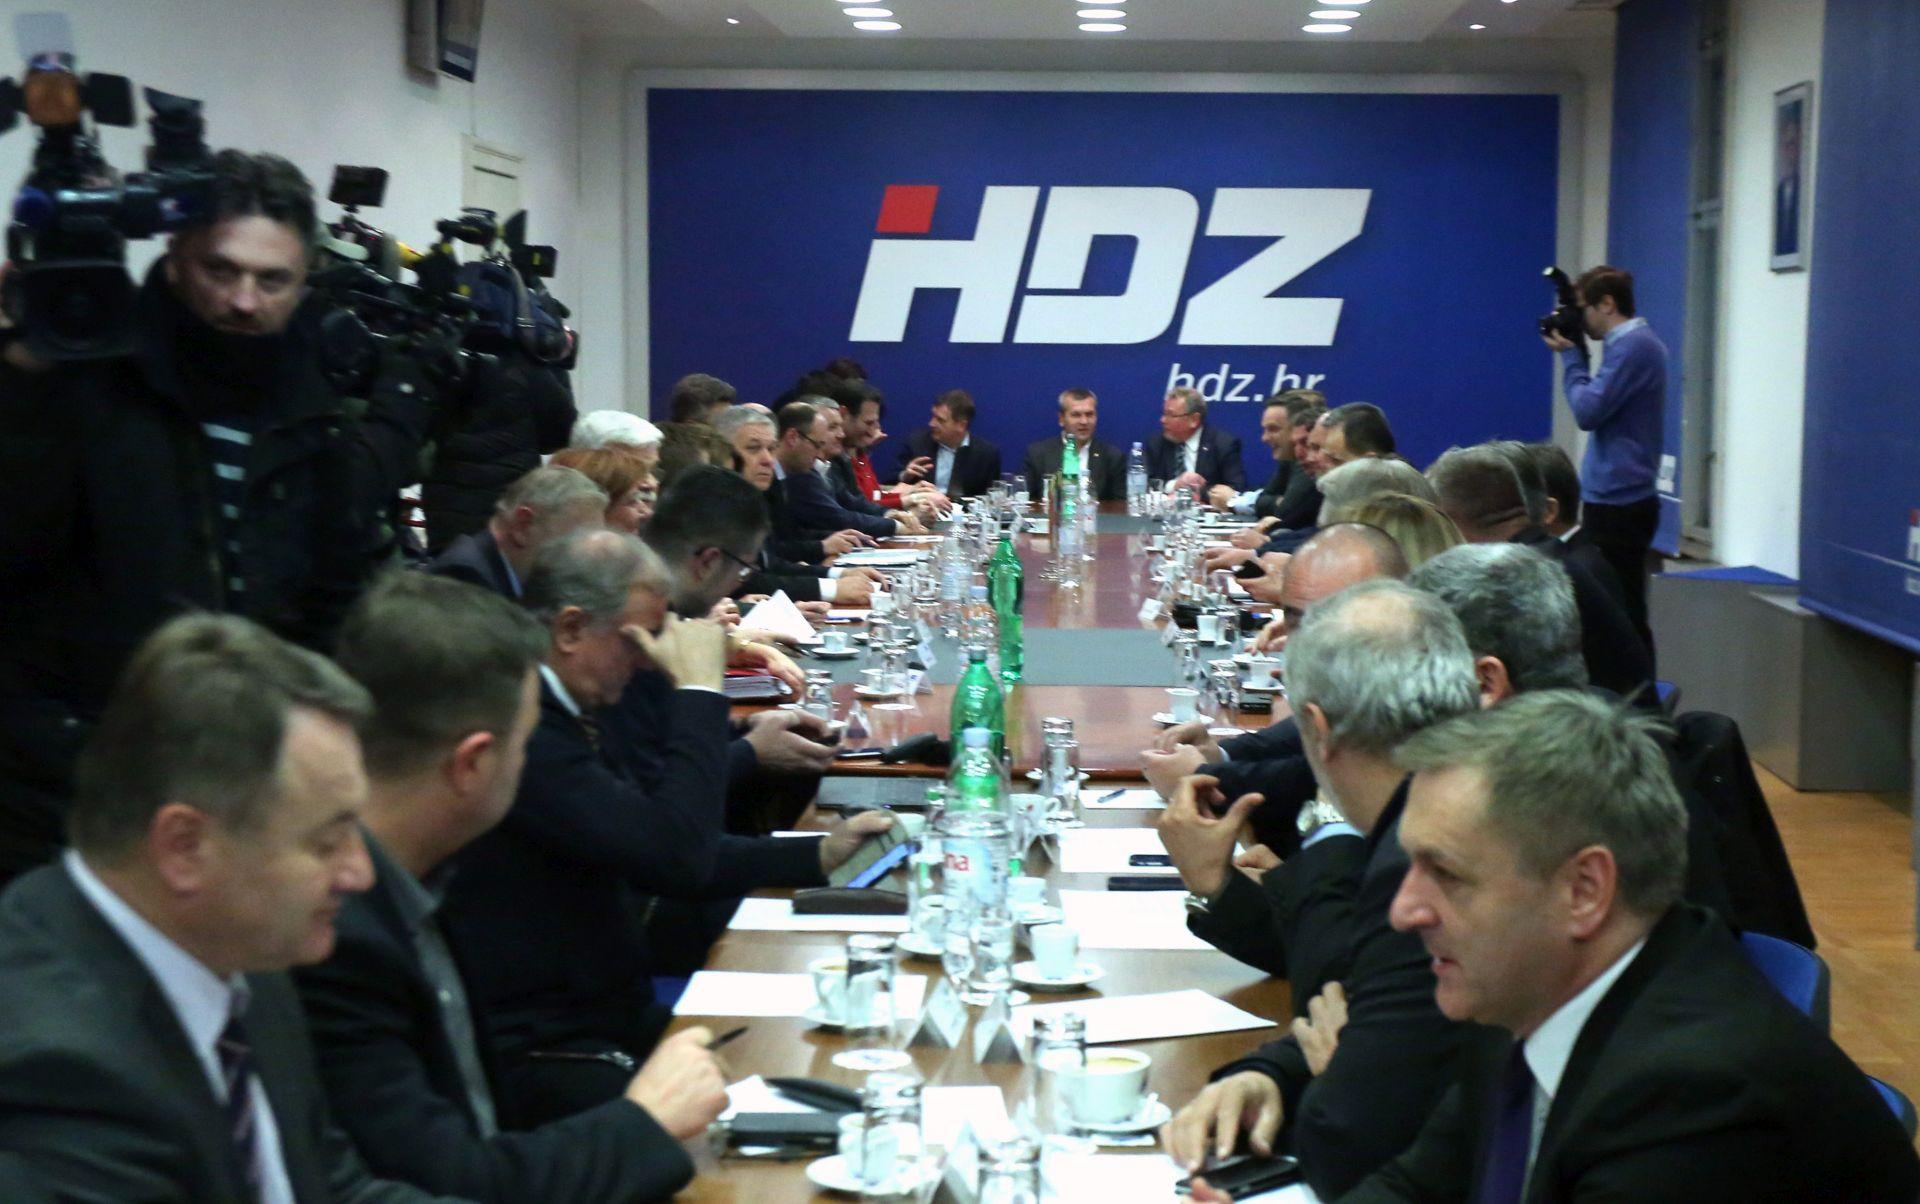 Predsjedništvo i Nacionalno vijeće HDZ-a podržalo Vladu da se Ina vrati u hrvatsko vlasništvo